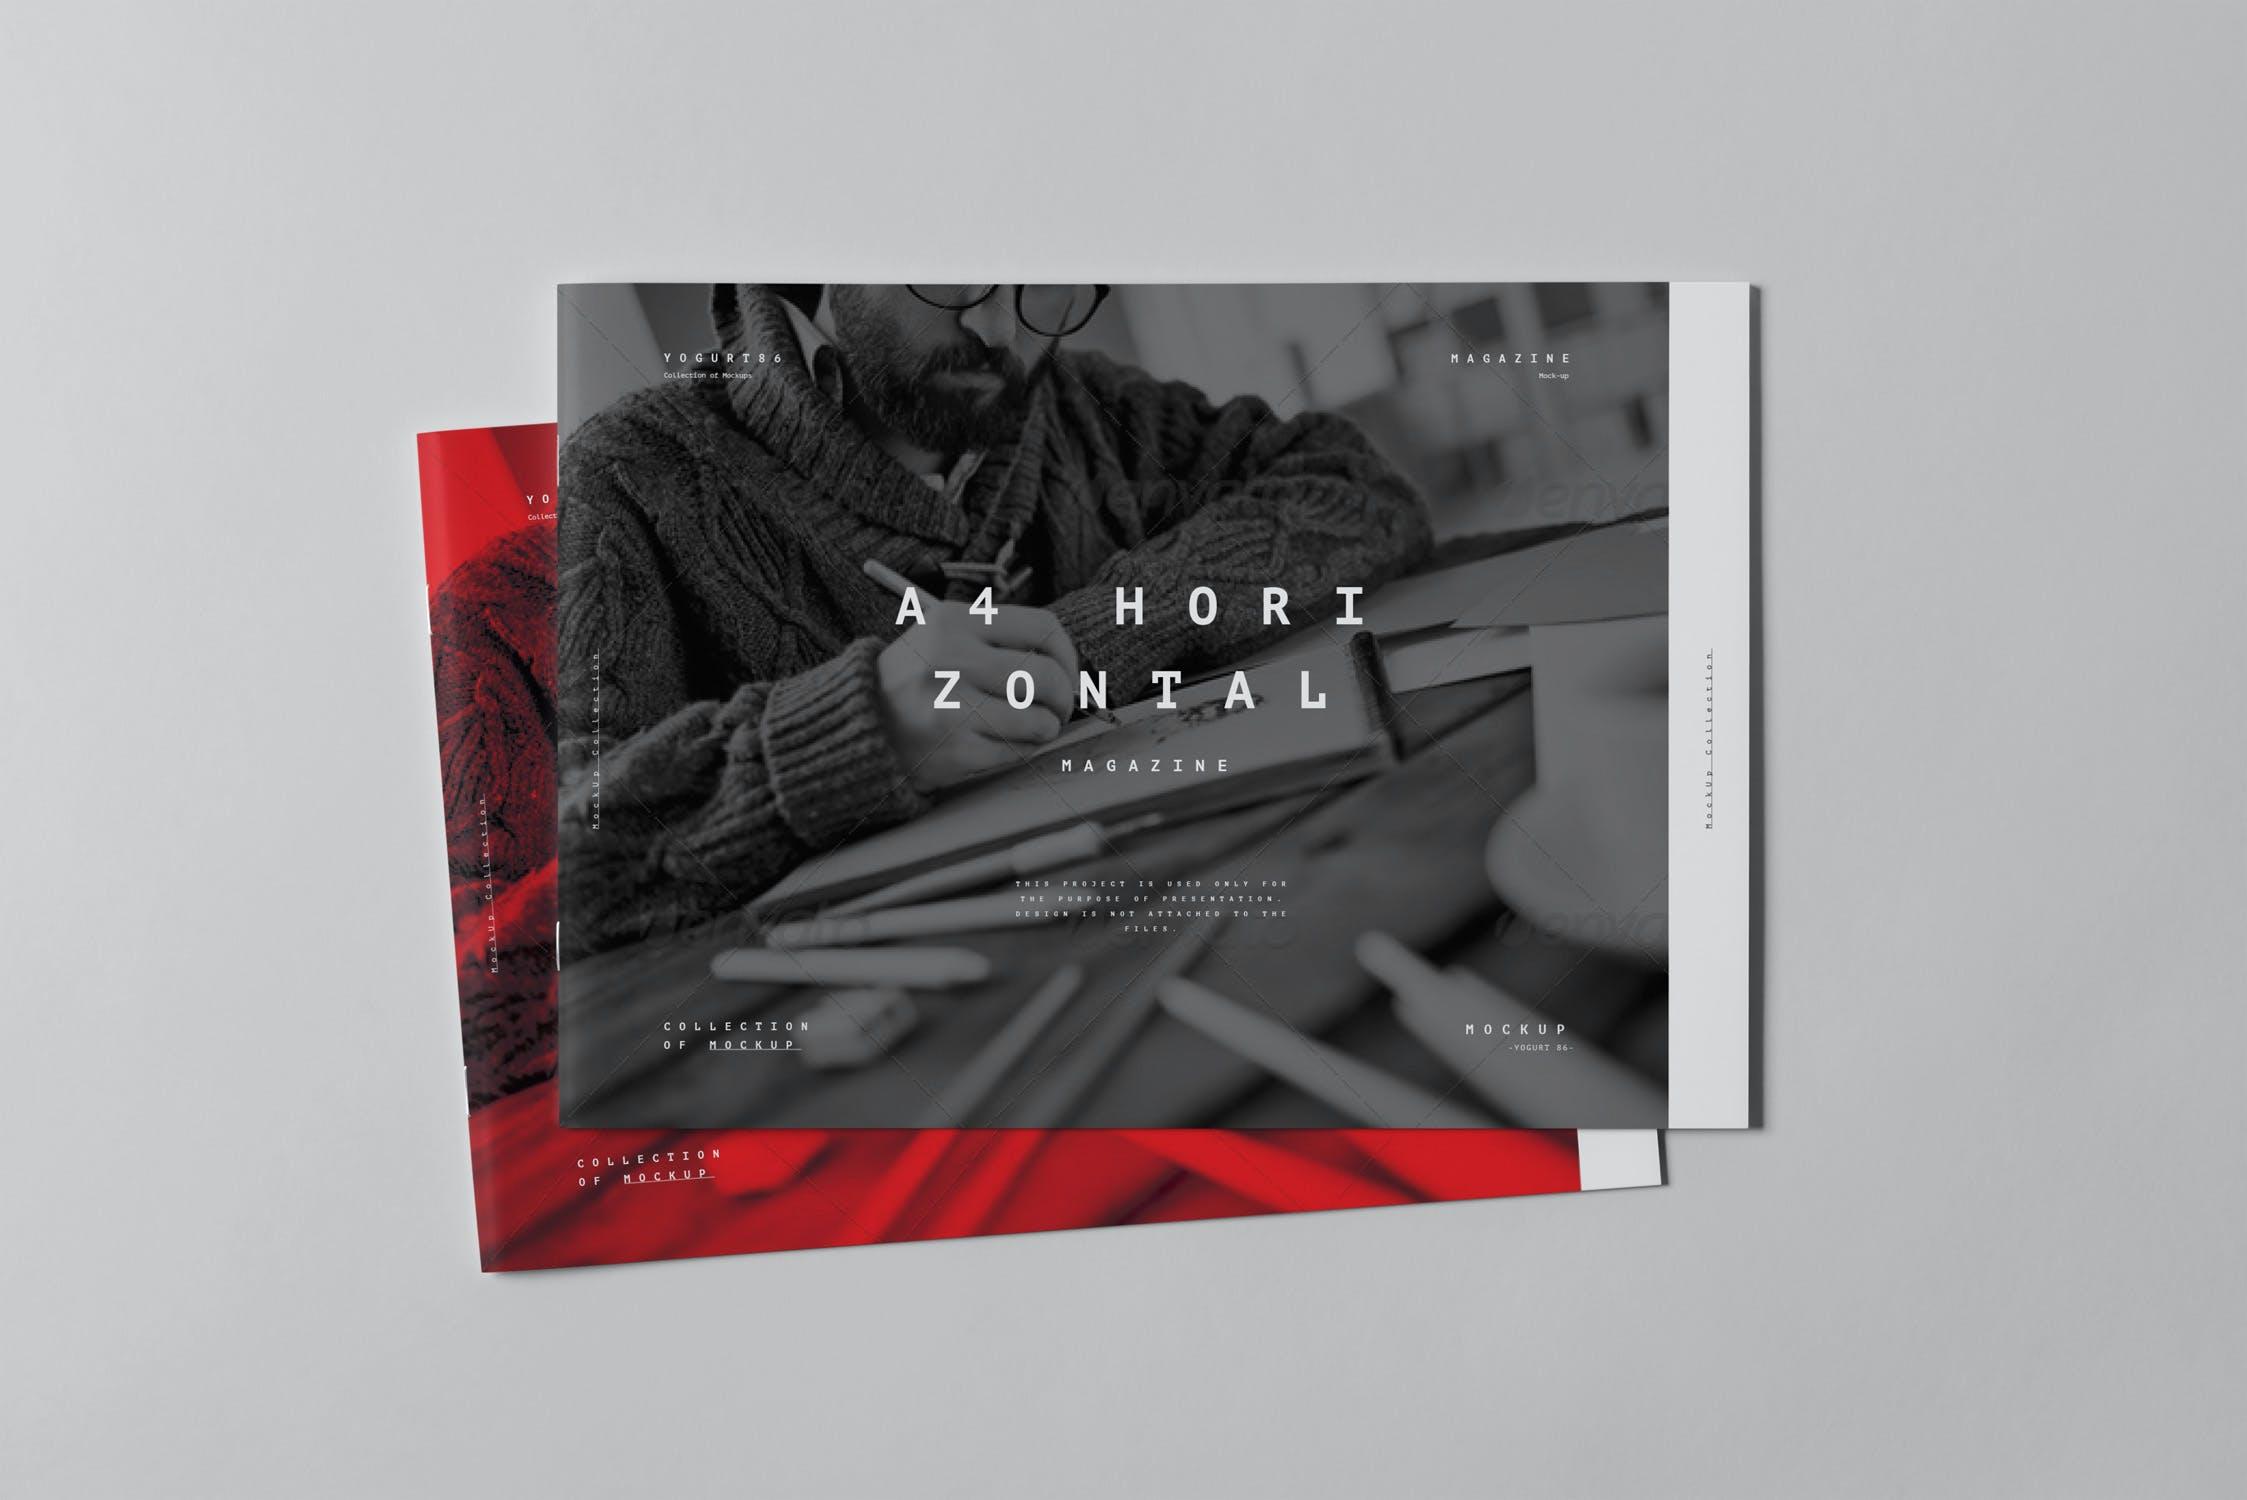 10款横版A4画册杂志设计展示样机模板 A4 Horizontal Brochure Mockup 3插图(7)